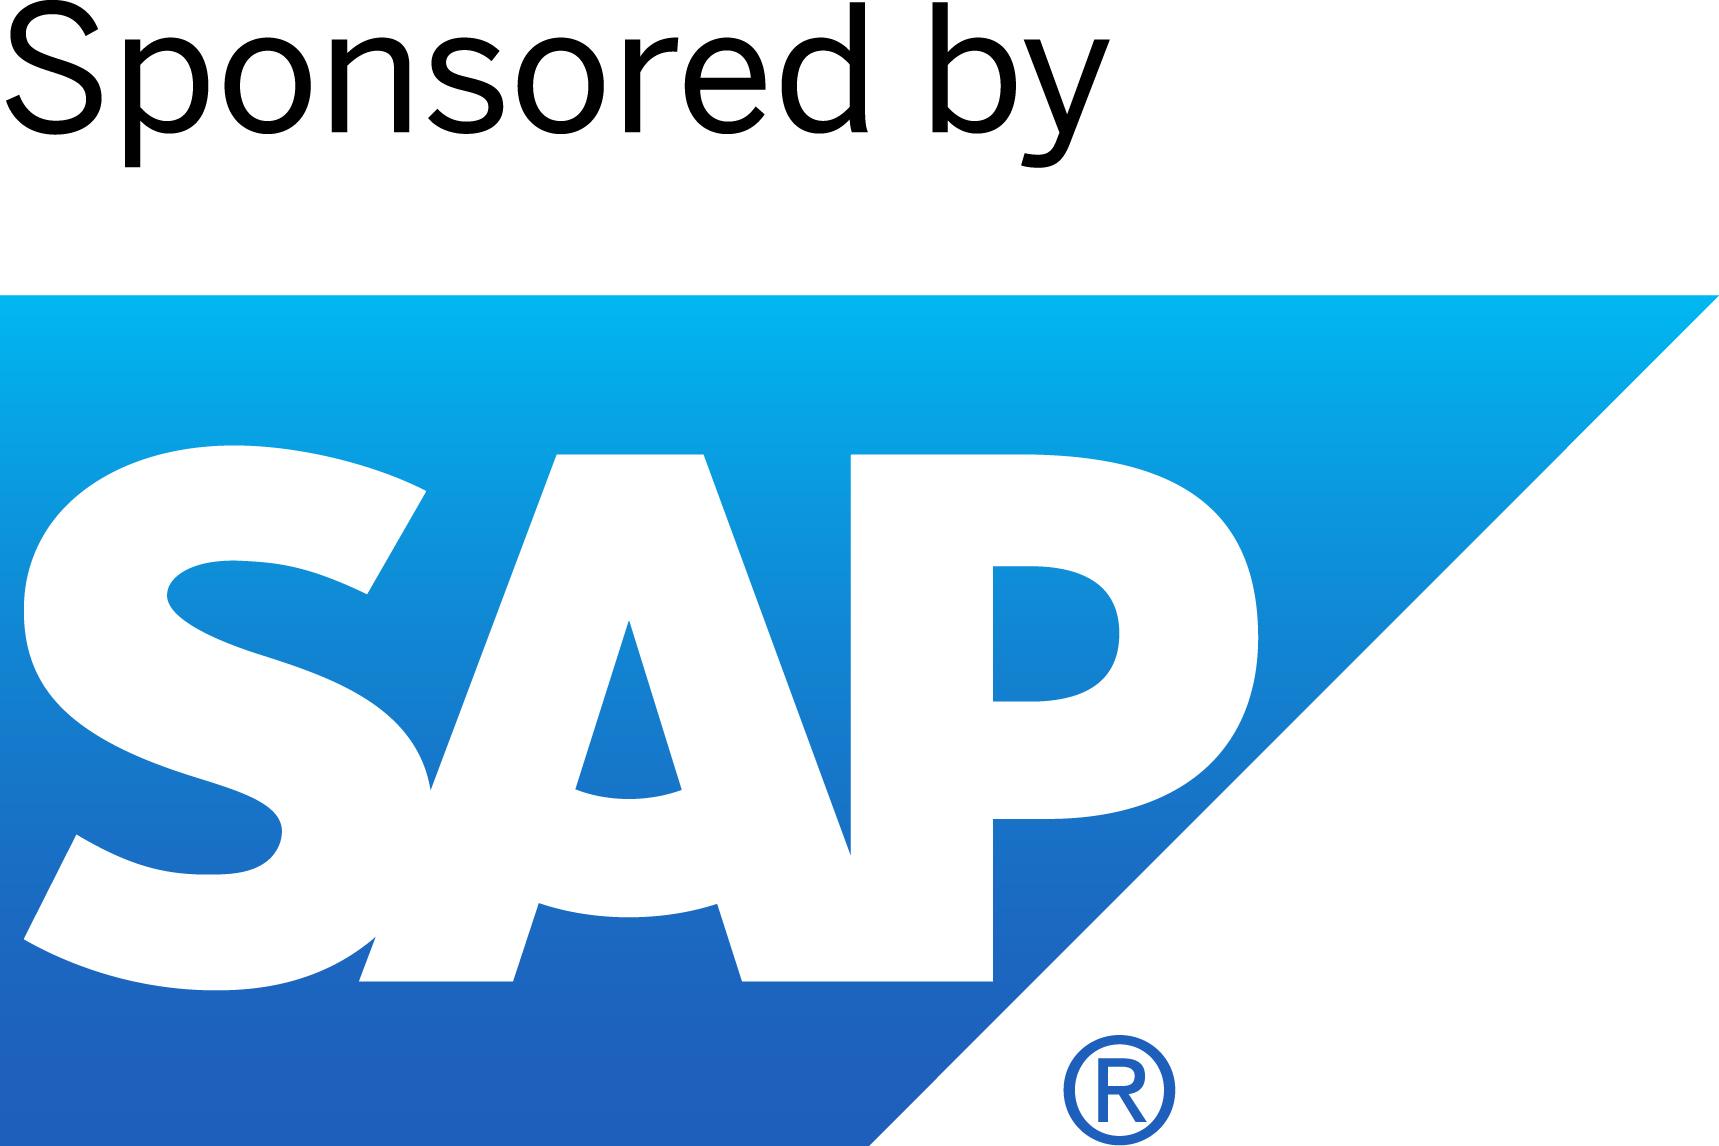 Sap sponsored by grad r pref